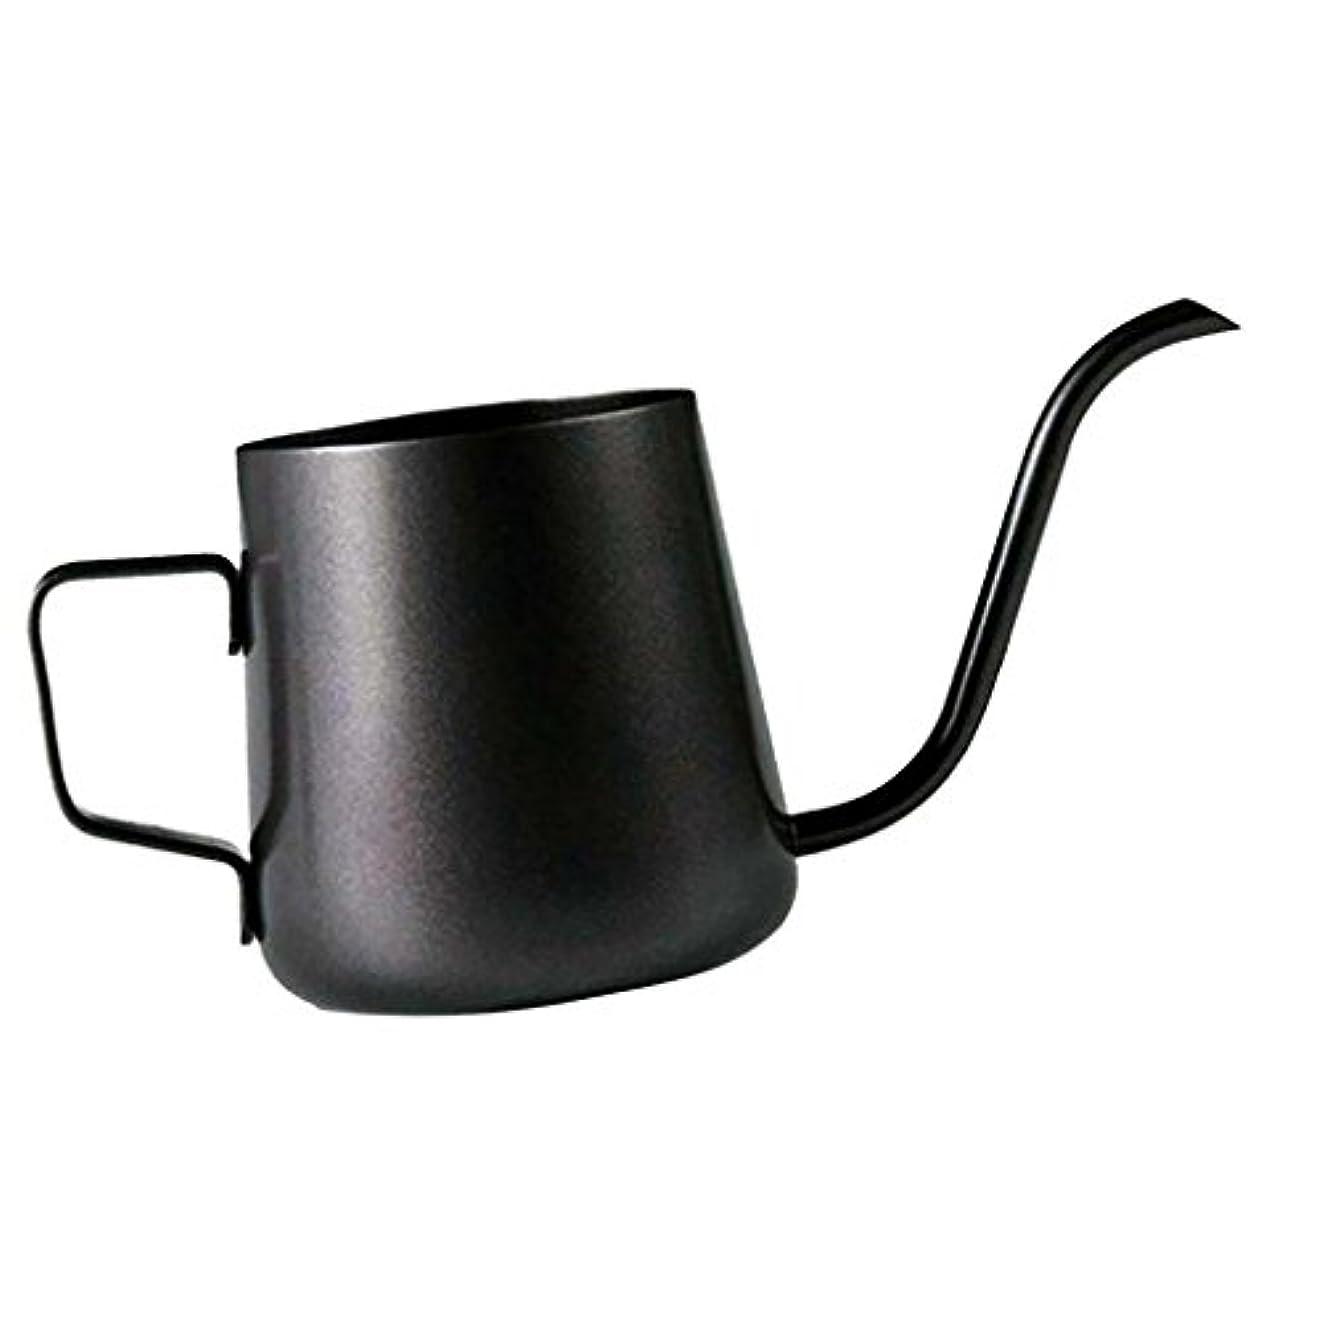 スーツケース振りかける居住者Homeland コーヒーポット お茶などにも対応 クッキング用品 ステンレス製 エスプレッソポット ケトル - ブラック, 250ミリリットル